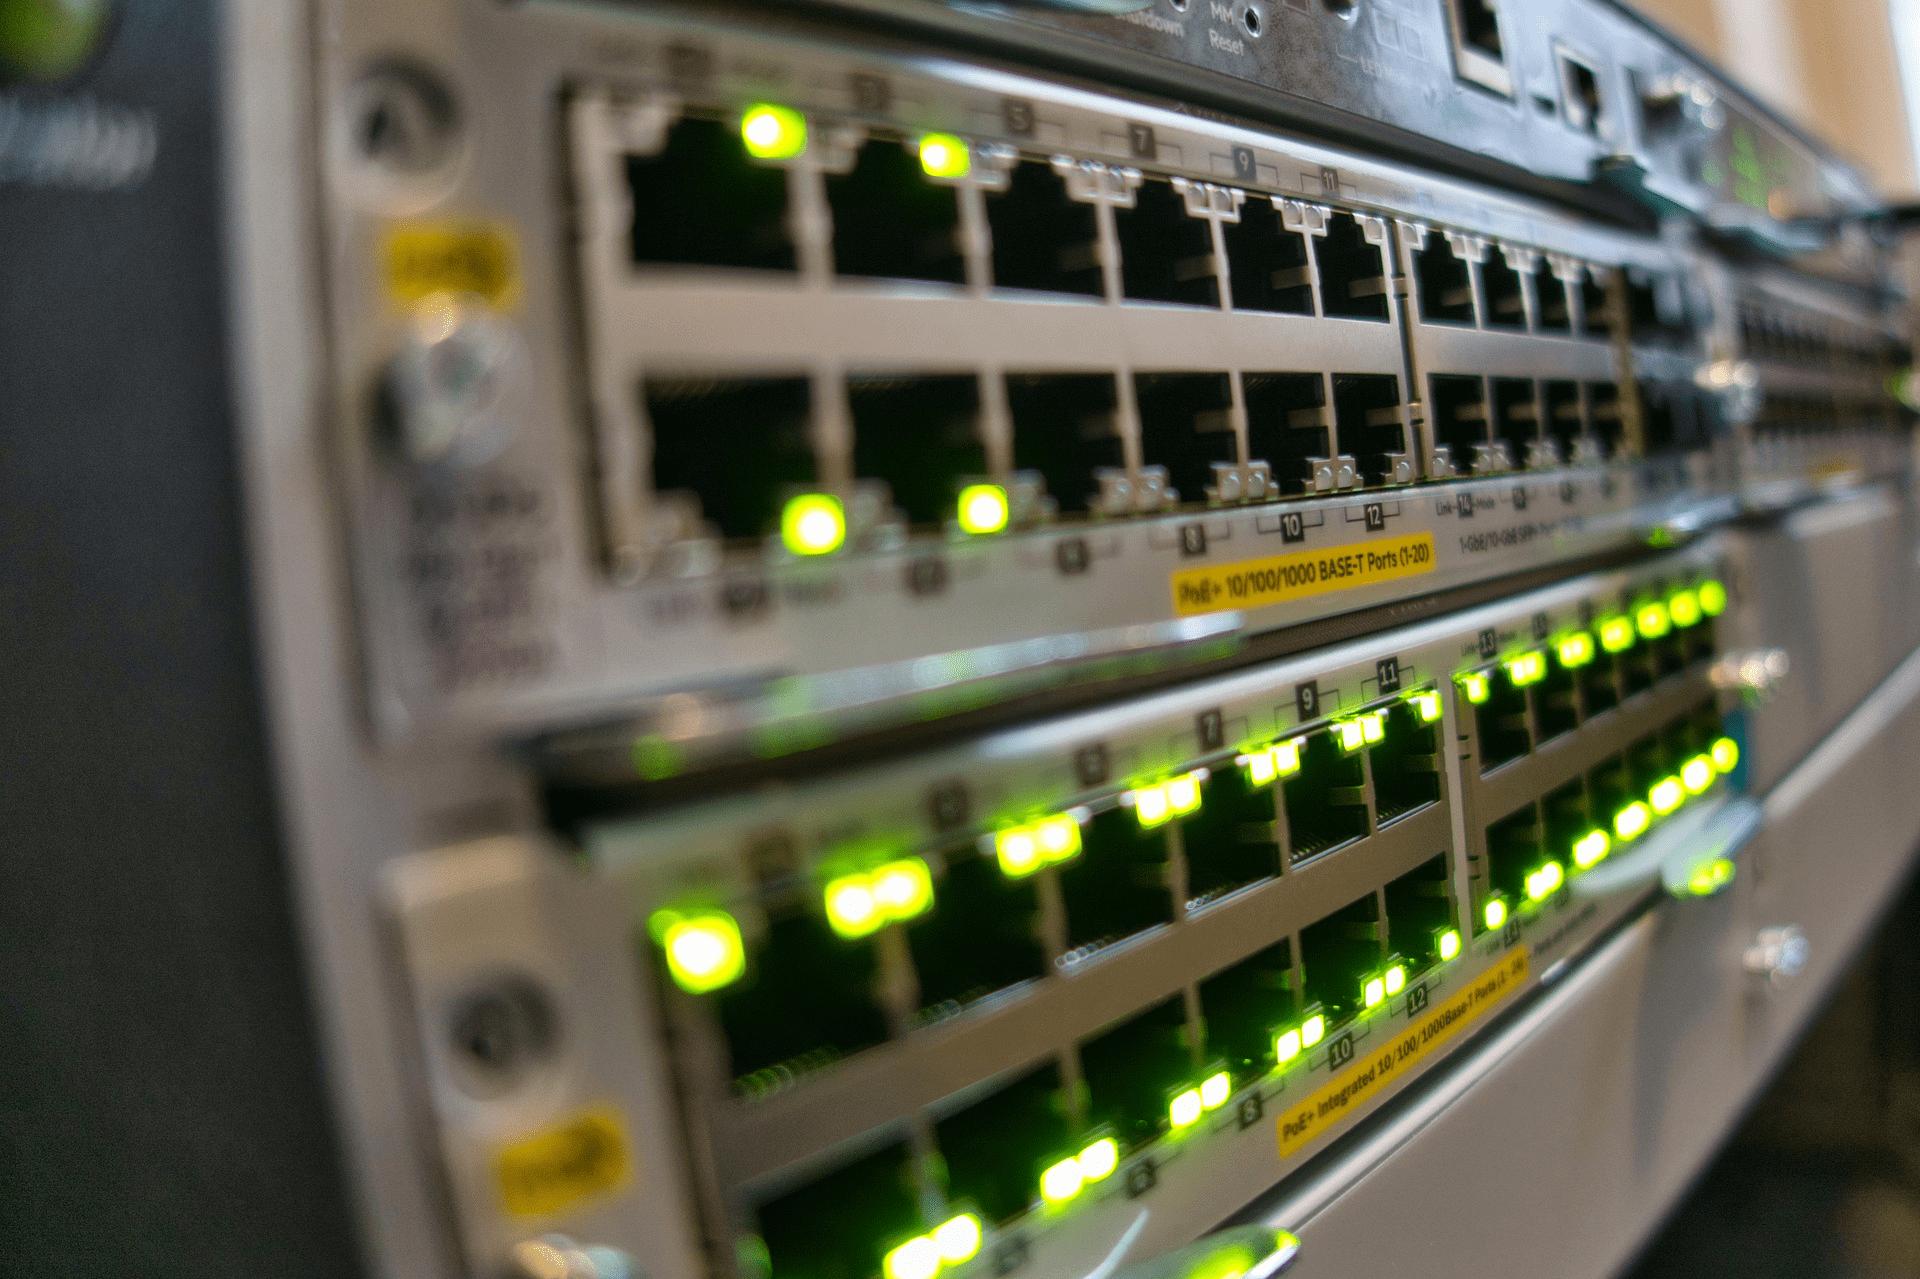 Datasikkerhed Ringkøbing Hvide Sande